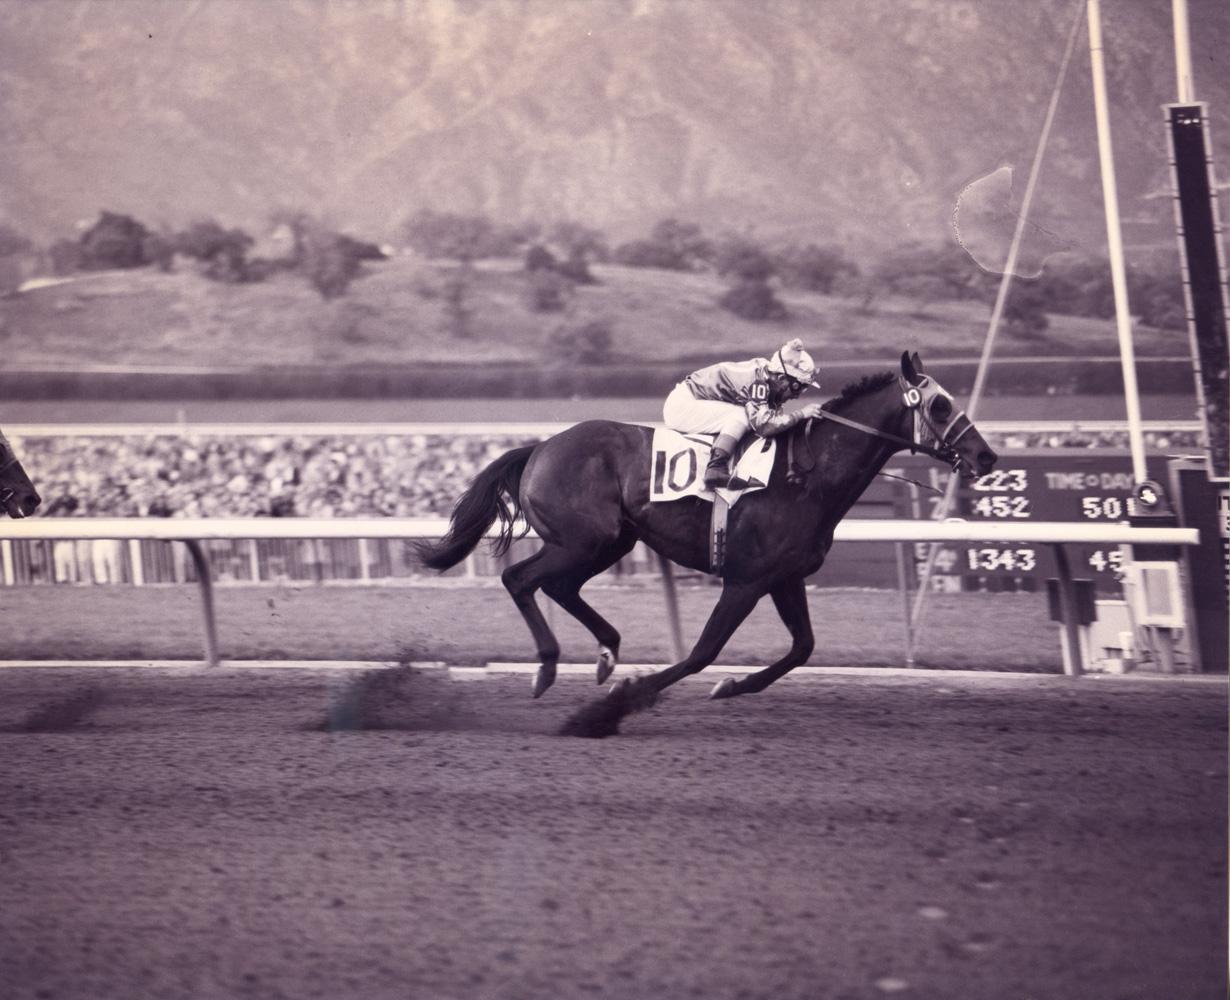 Round Table (Bill Shoemaker up) winning the 1958 Santa Anita Handicap at Santa Anita Park (Santa Anita Photo/Museum Collection)